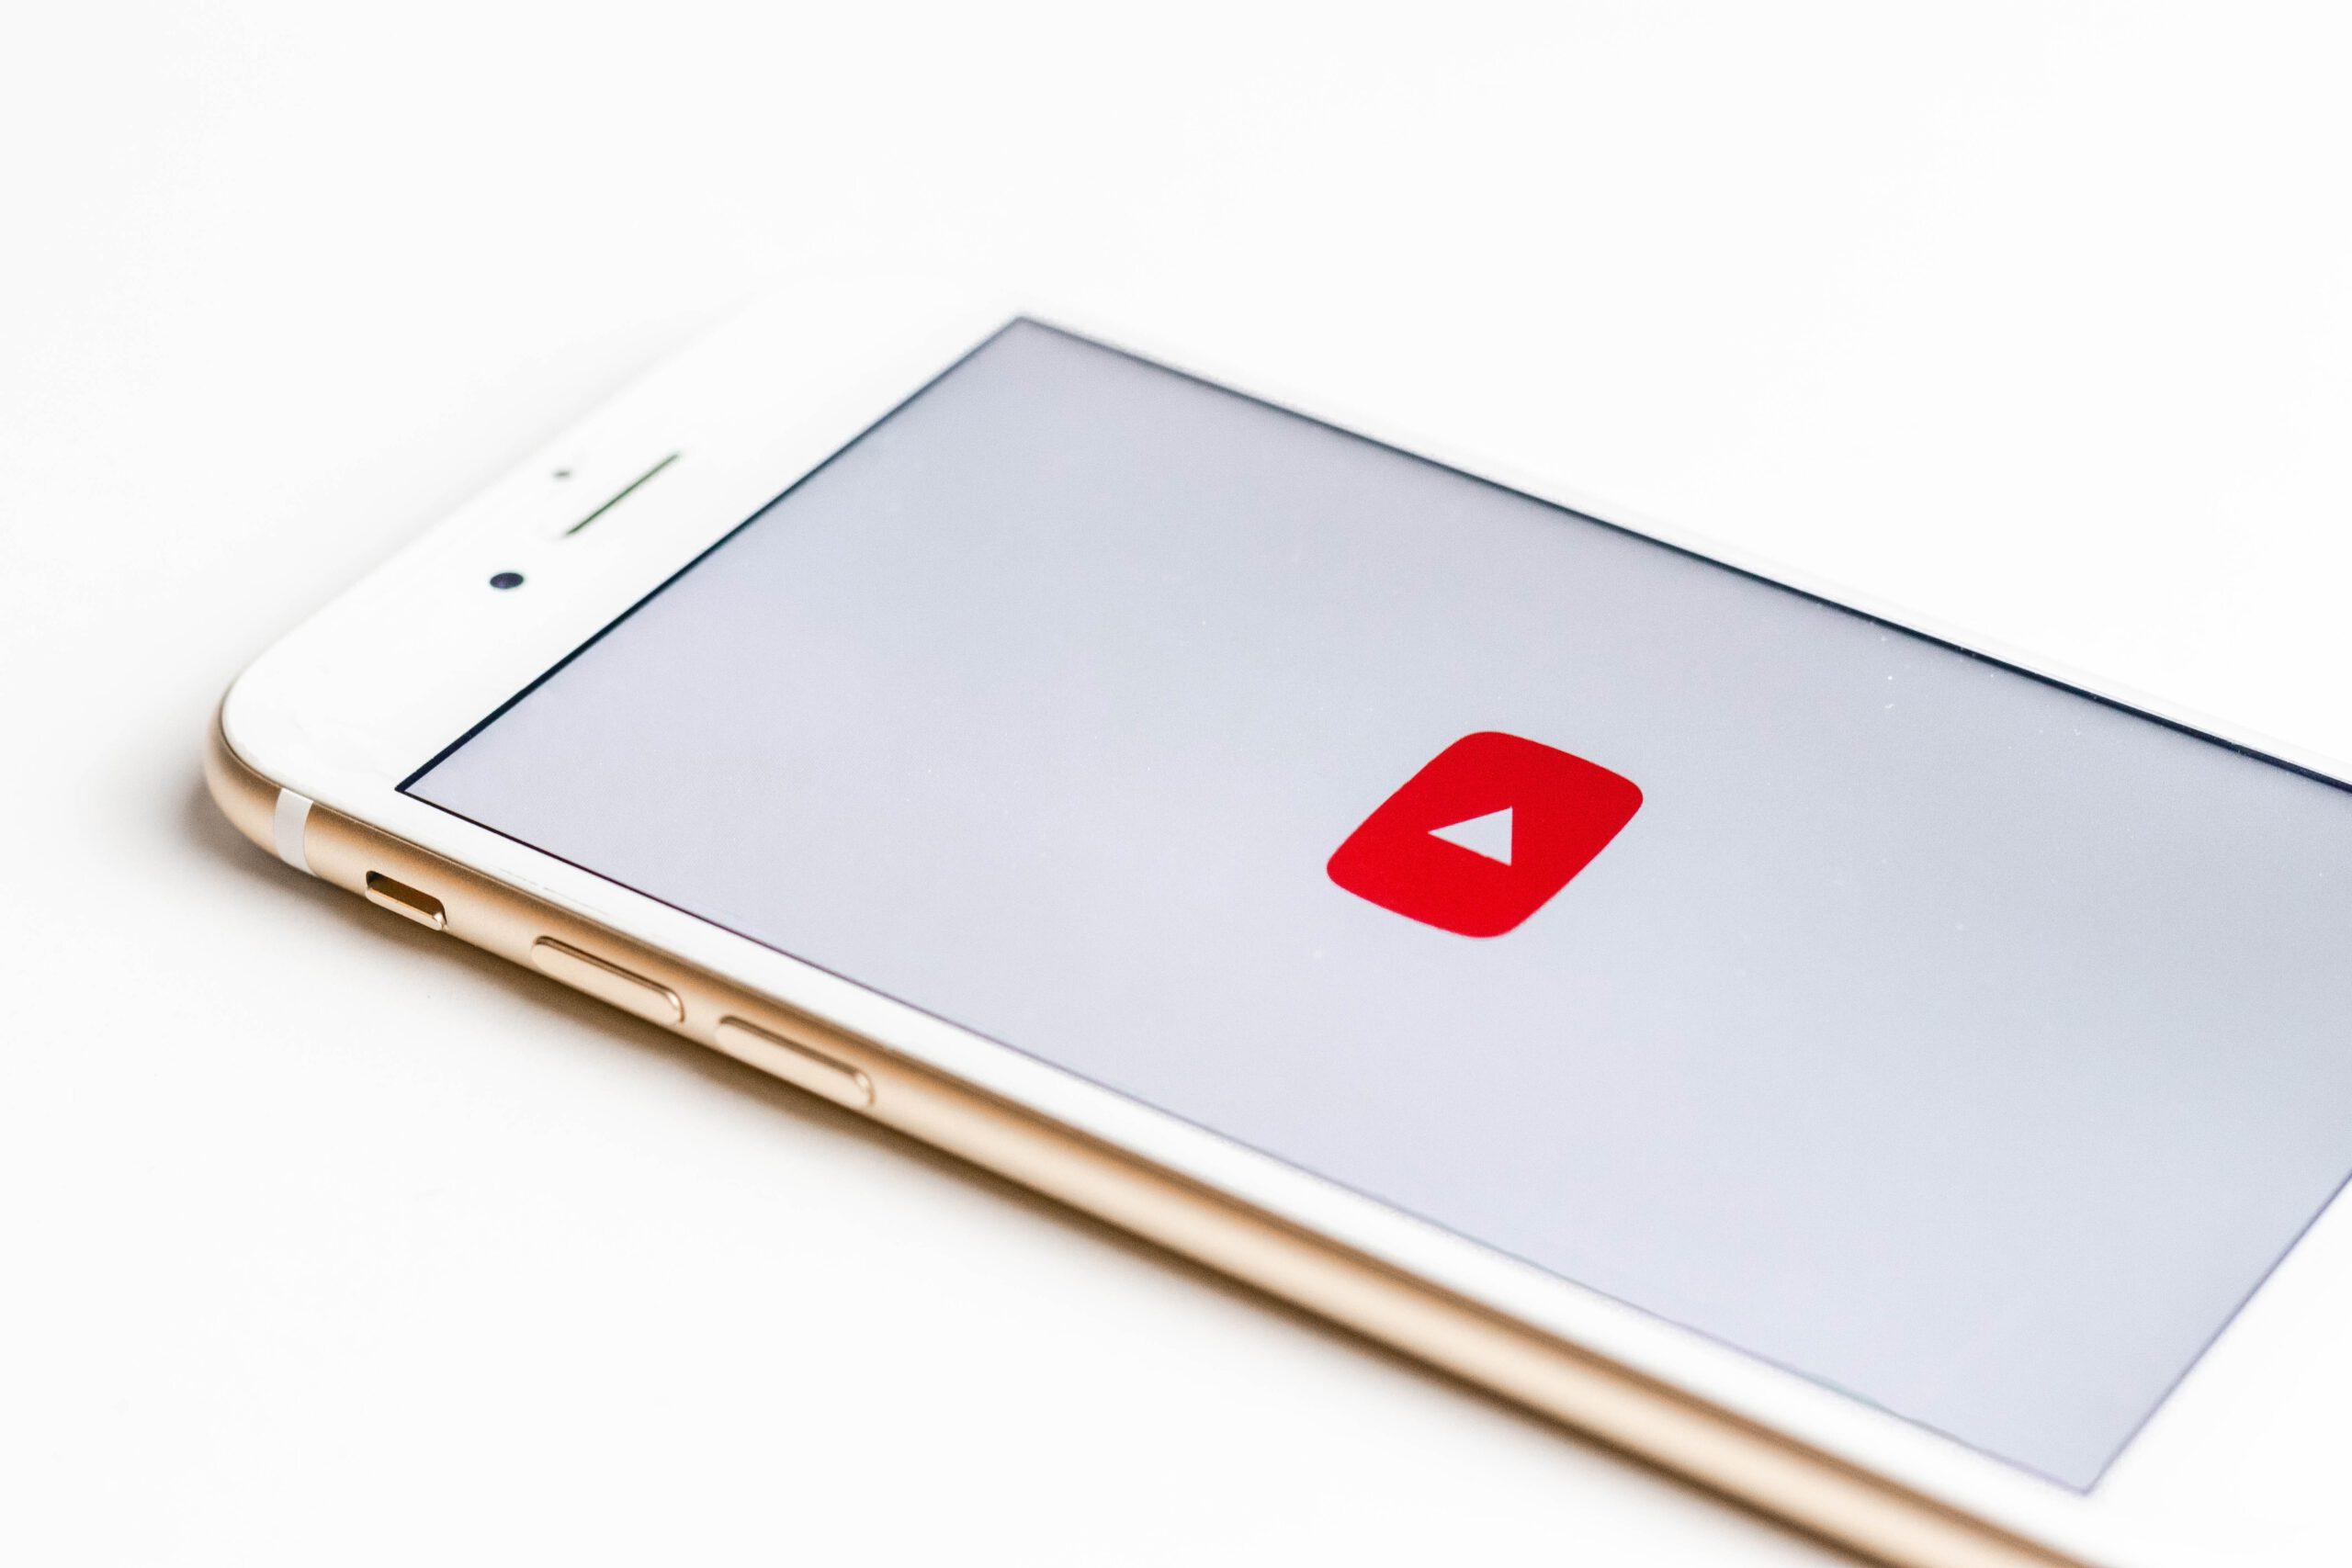 Kanał na youtube o Twojej branży - jak to zrobić krok po kroku?